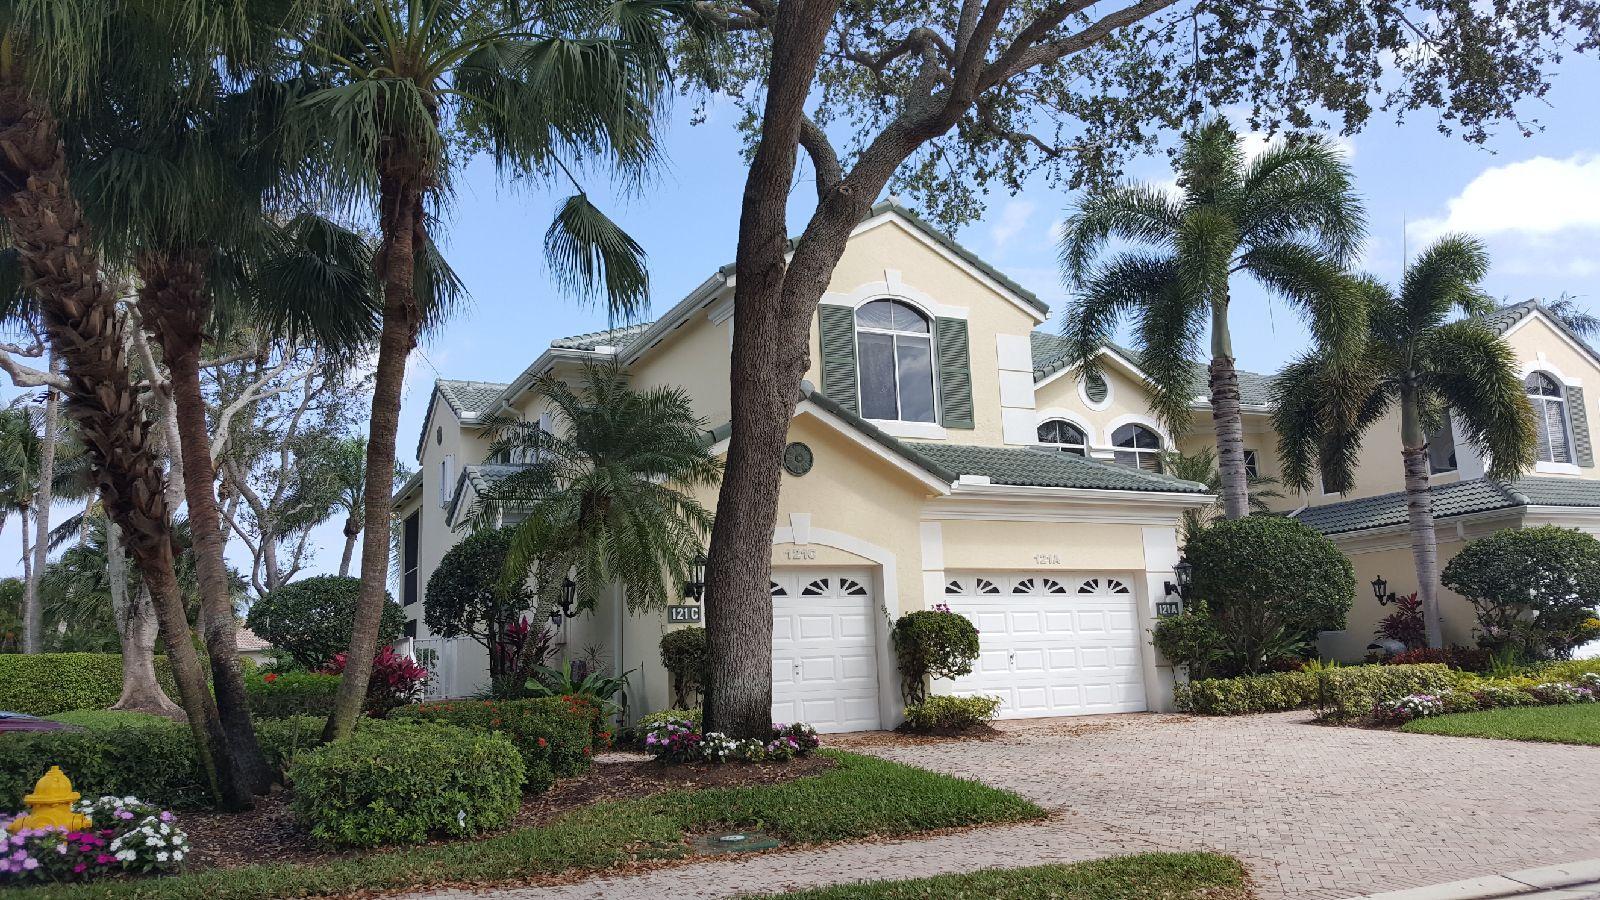 121 Palm Point Circle C,Palm Beach Gardens,Florida 33418,3 Bedrooms Bedrooms,2.1 BathroomsBathrooms,A,Palm Point,RX-10412452